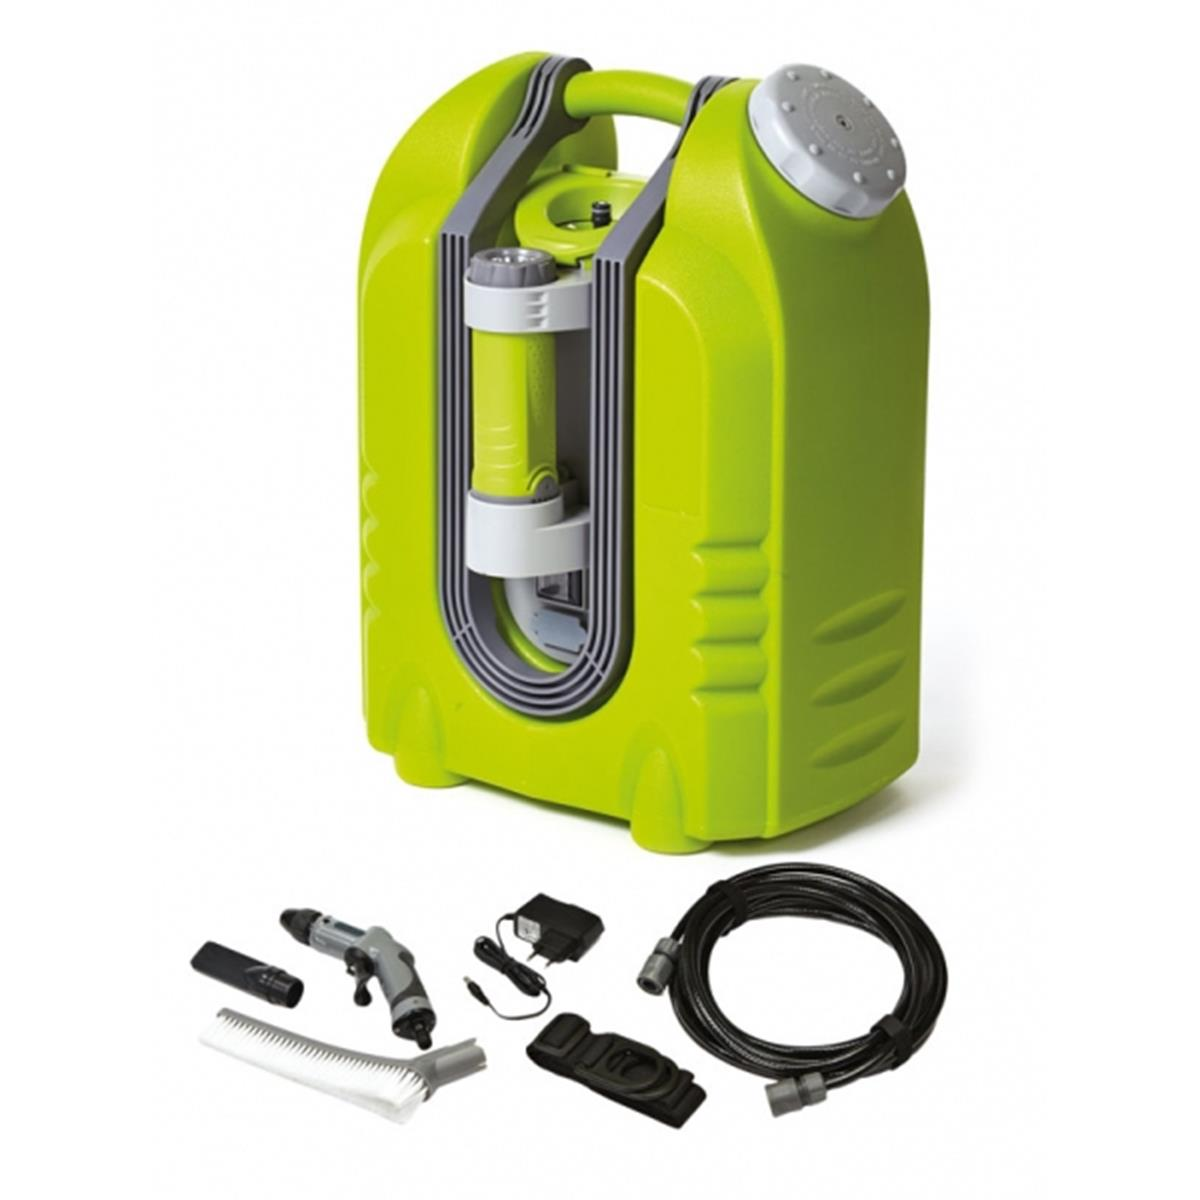 Aqua2go Mobiler Bike-Wash Pro 3-10 Bar, Akkubetrieben